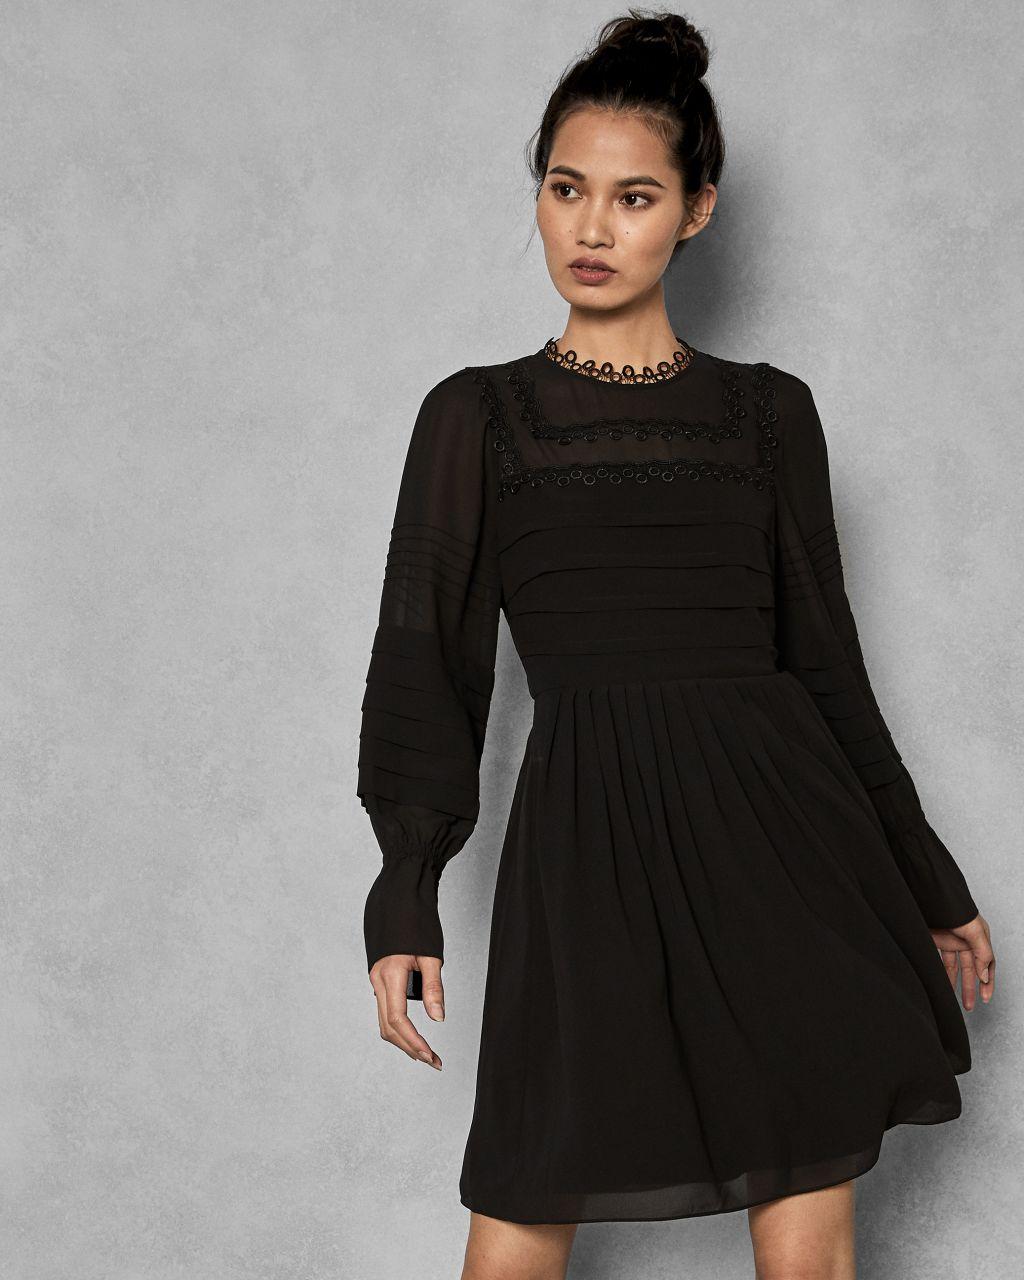 TED BAKER Besticktes Kleid Mit Voluminösen Ärmeln   TED BAKER SALE